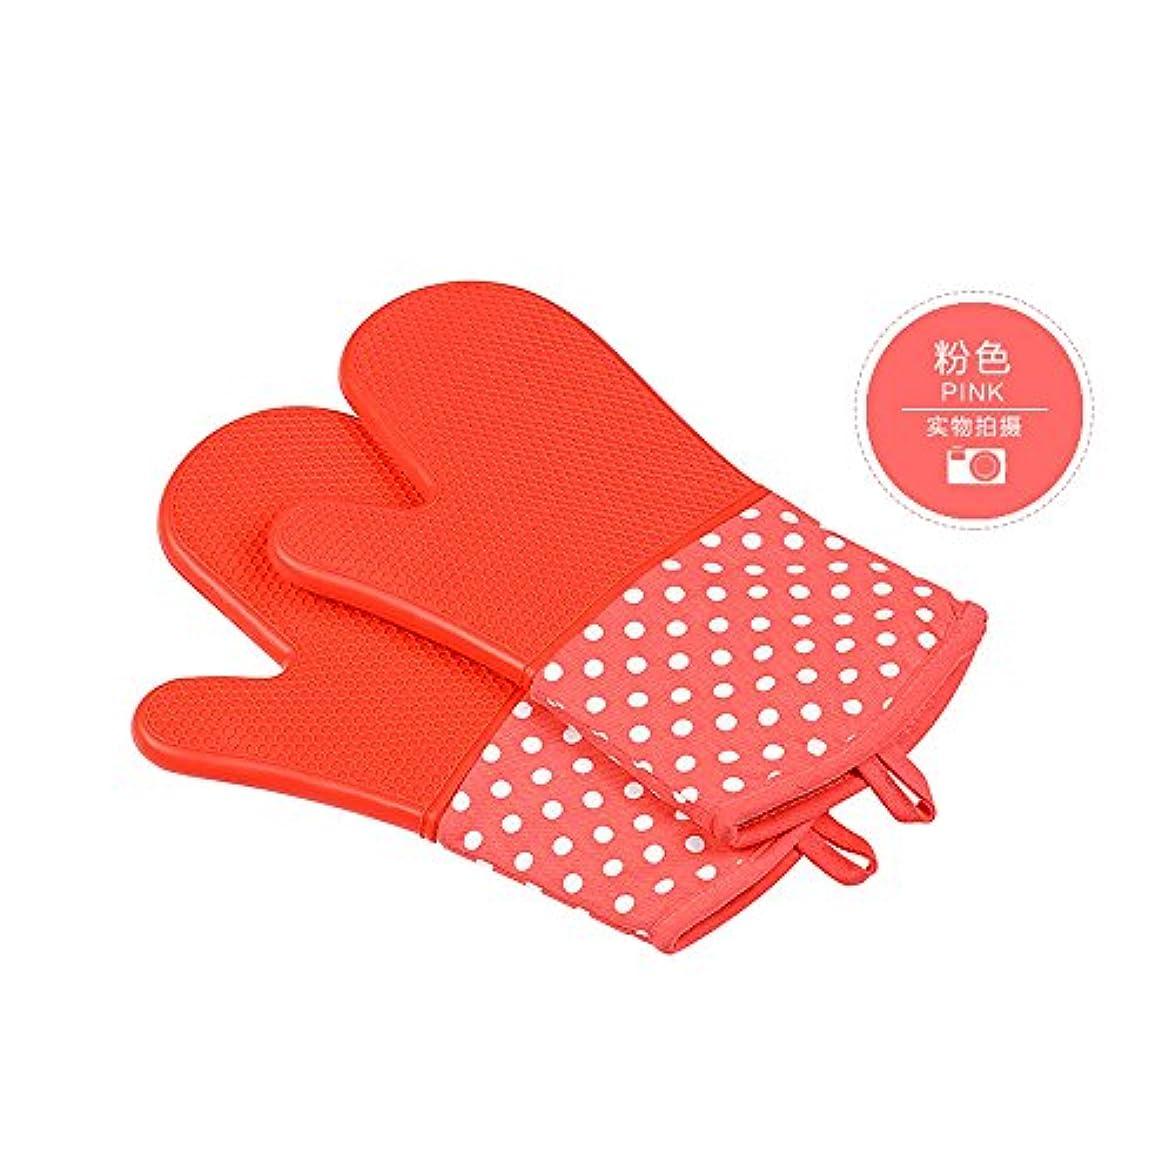 旋回孤独な感謝しているJOOP【2個セット】【シリコンベーキング手袋】【バーベキュー手袋】【キッチン電子レンジの手袋】【オーブン断熱手袋】【300の加熱温度極値】【7色】 (ピンク)